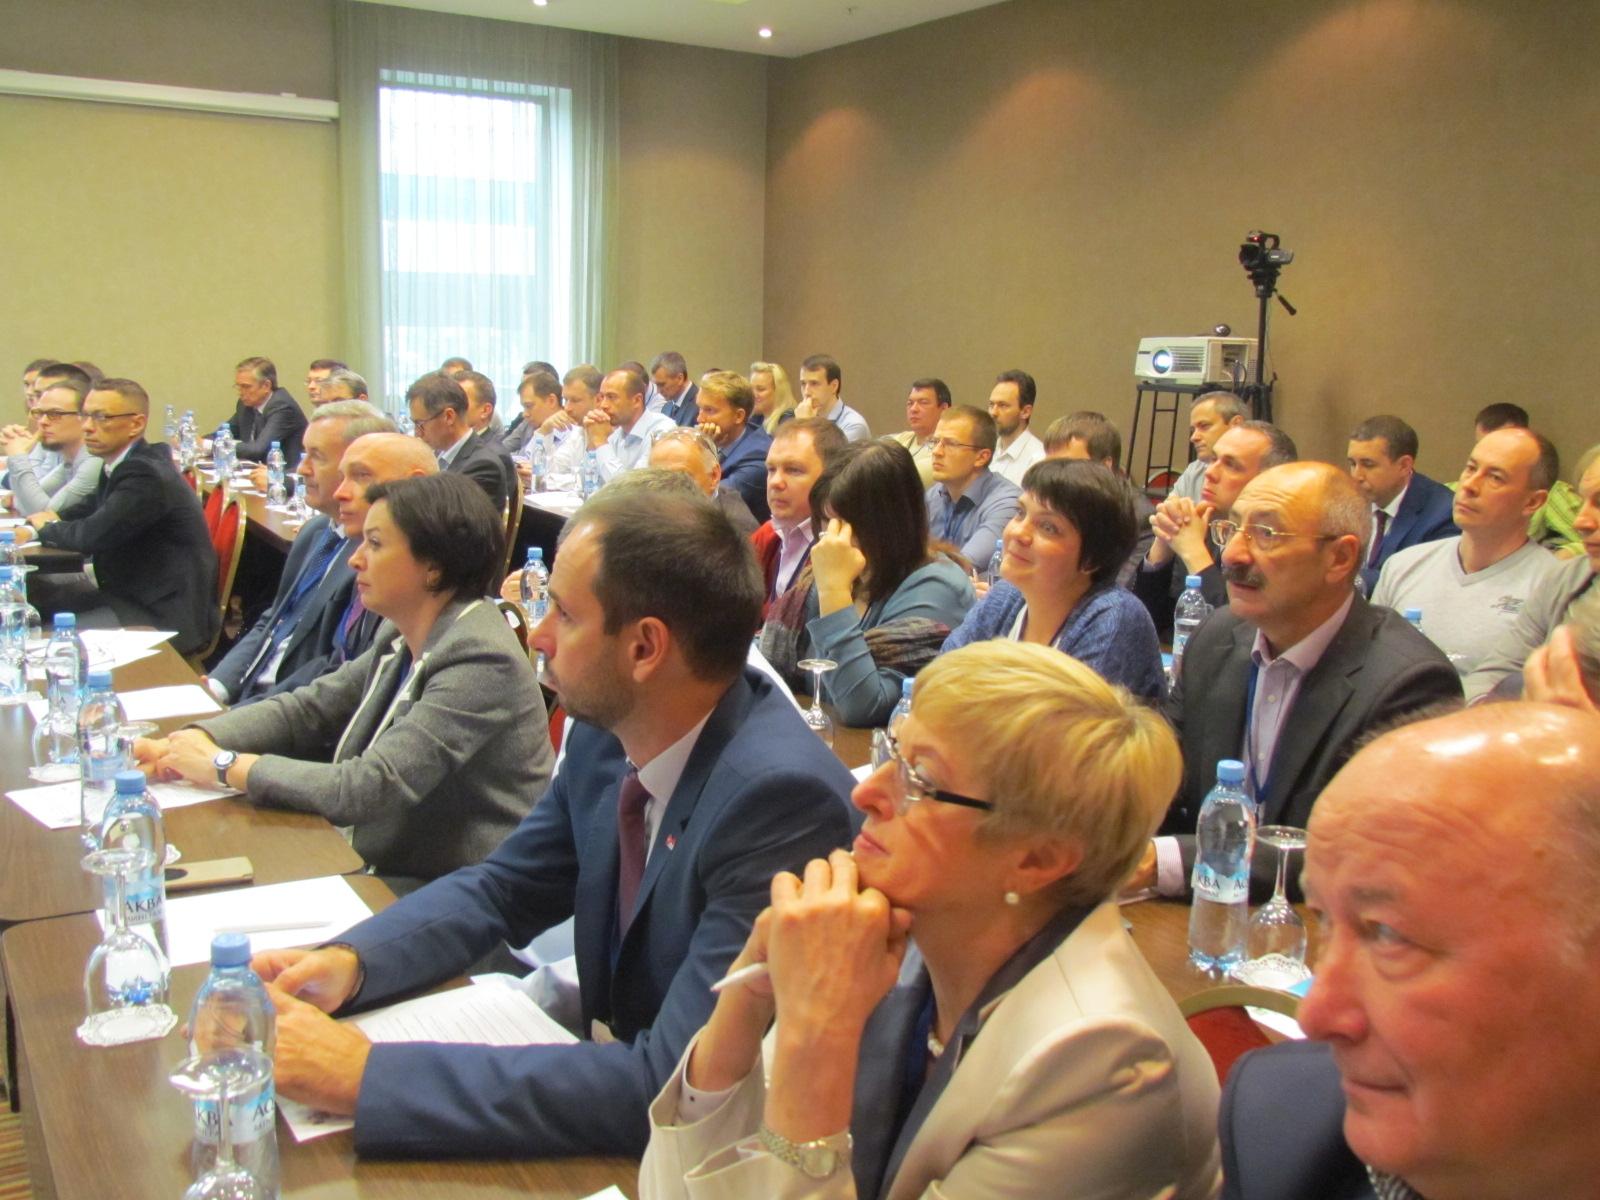 Конференция TelecomDaily «Проектирование, строительство сетей и сооружений связи»